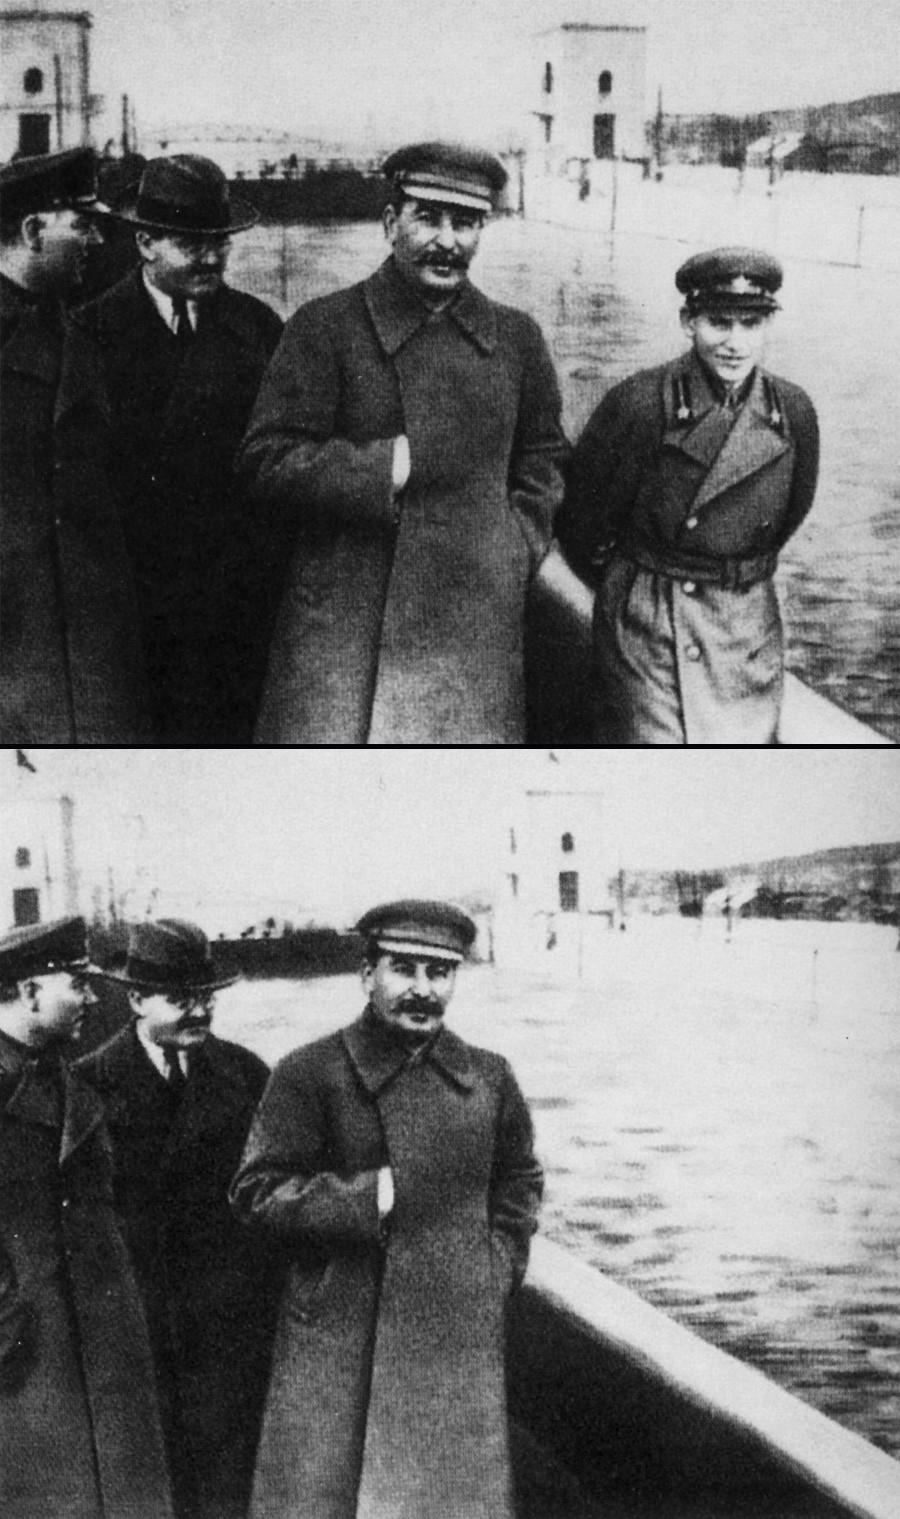 Joseph Staline et Nikolaï Iejov qui a dirigé le Commissariat du peuple aux affaires intérieures (NKVD) de 1936 à 1938\ Joseph Staline